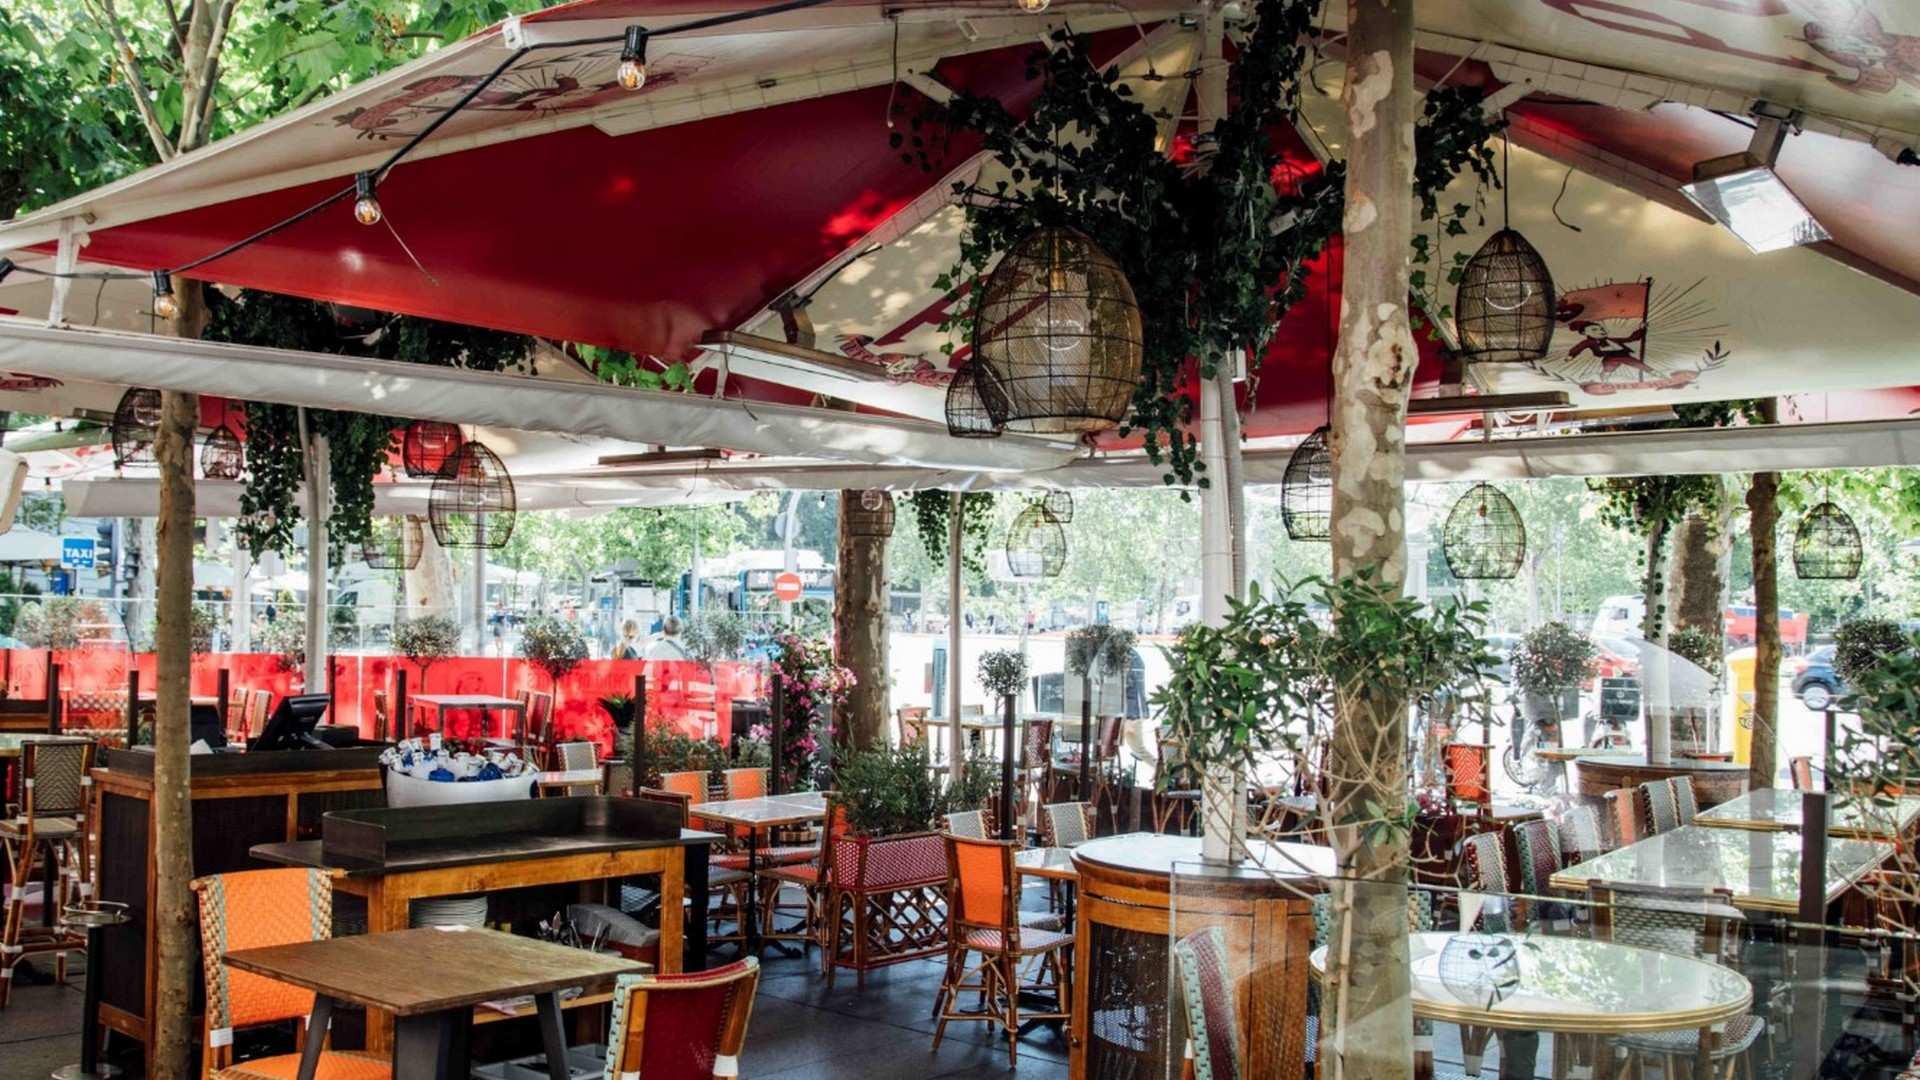 La hostelería madrileña se reestructura tras un año de Covid